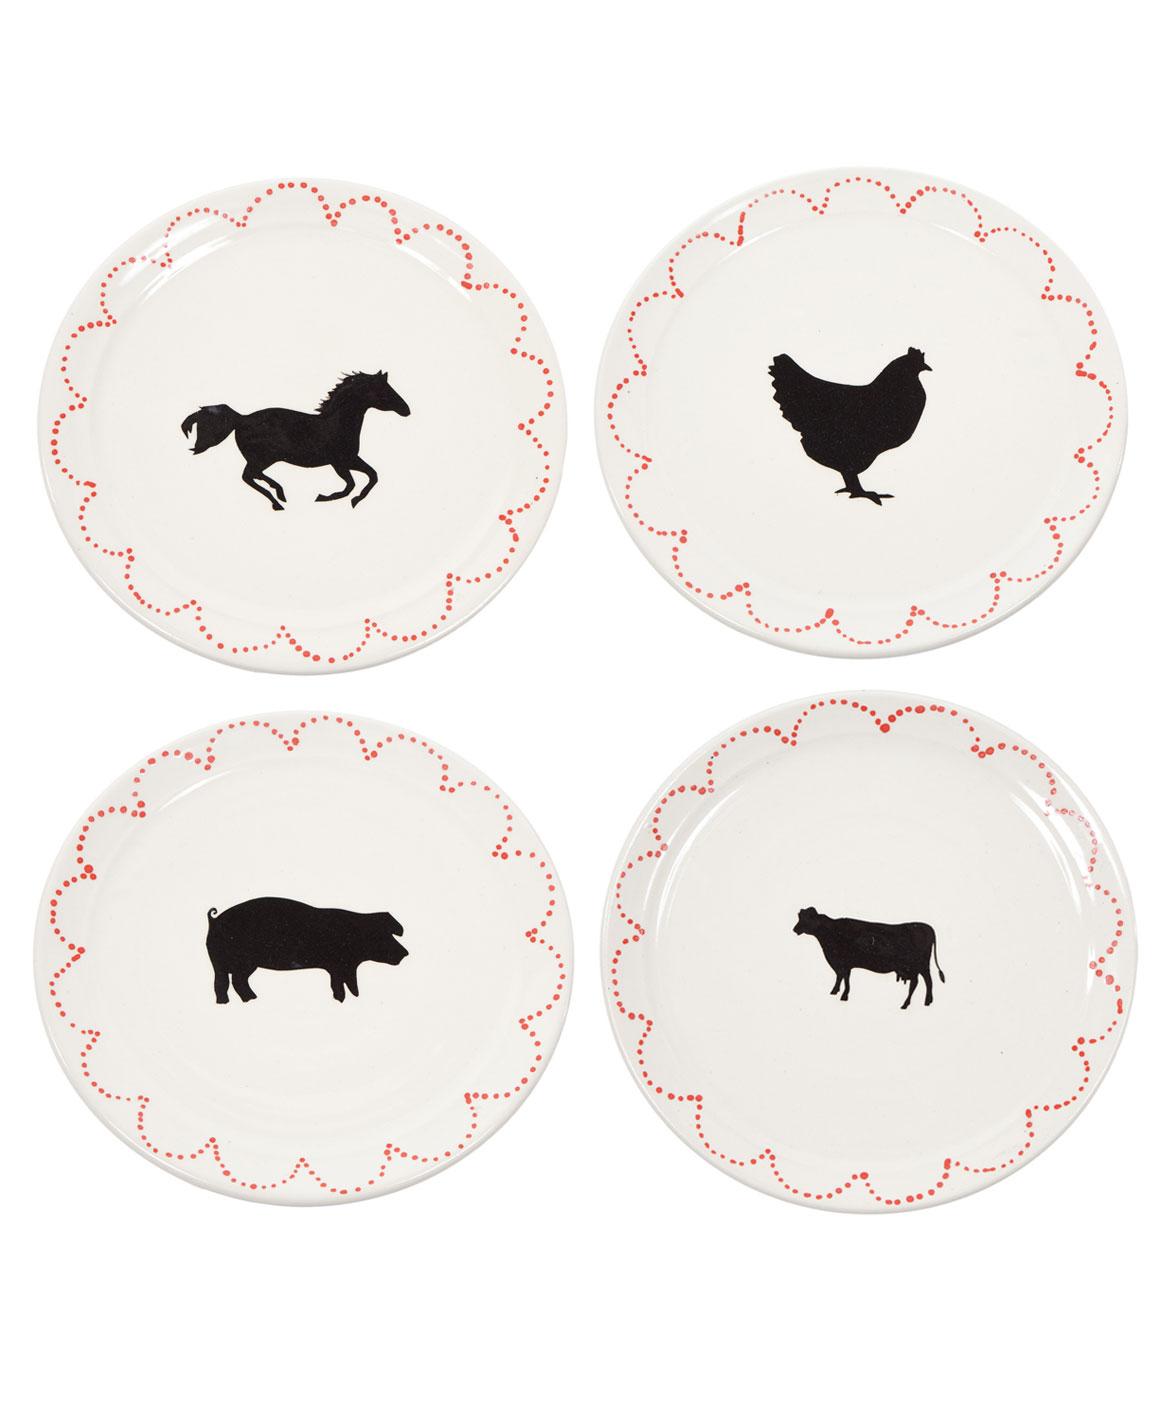 Horse Dinner Plate